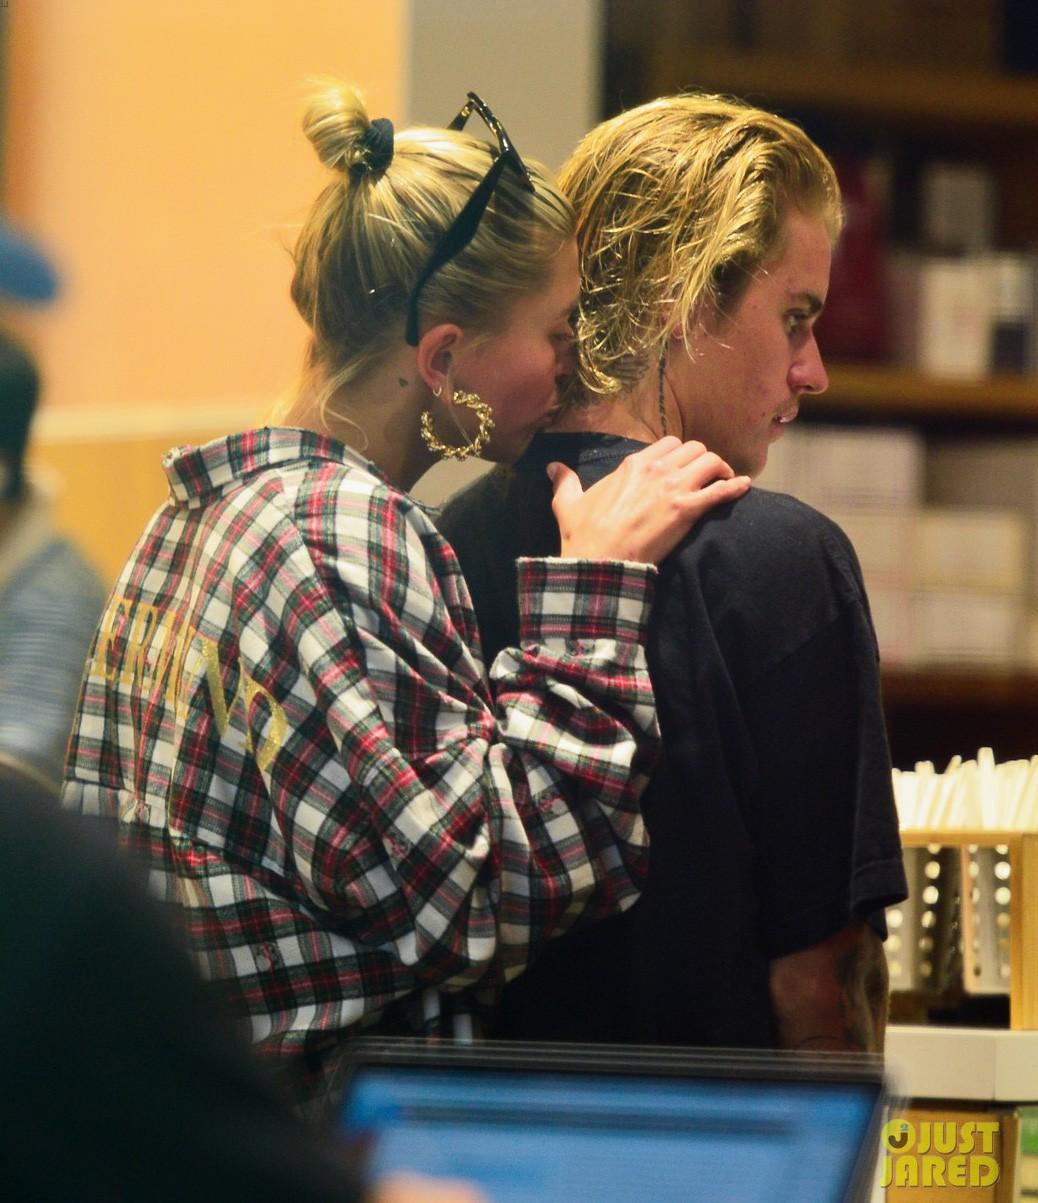 Justin Bieber đã nghe lời Hailey đi cắt tóc, phải chăng đây là lý do anh chàng ôm mặt khóc giữa phố hôm trước đó? - Ảnh 6.